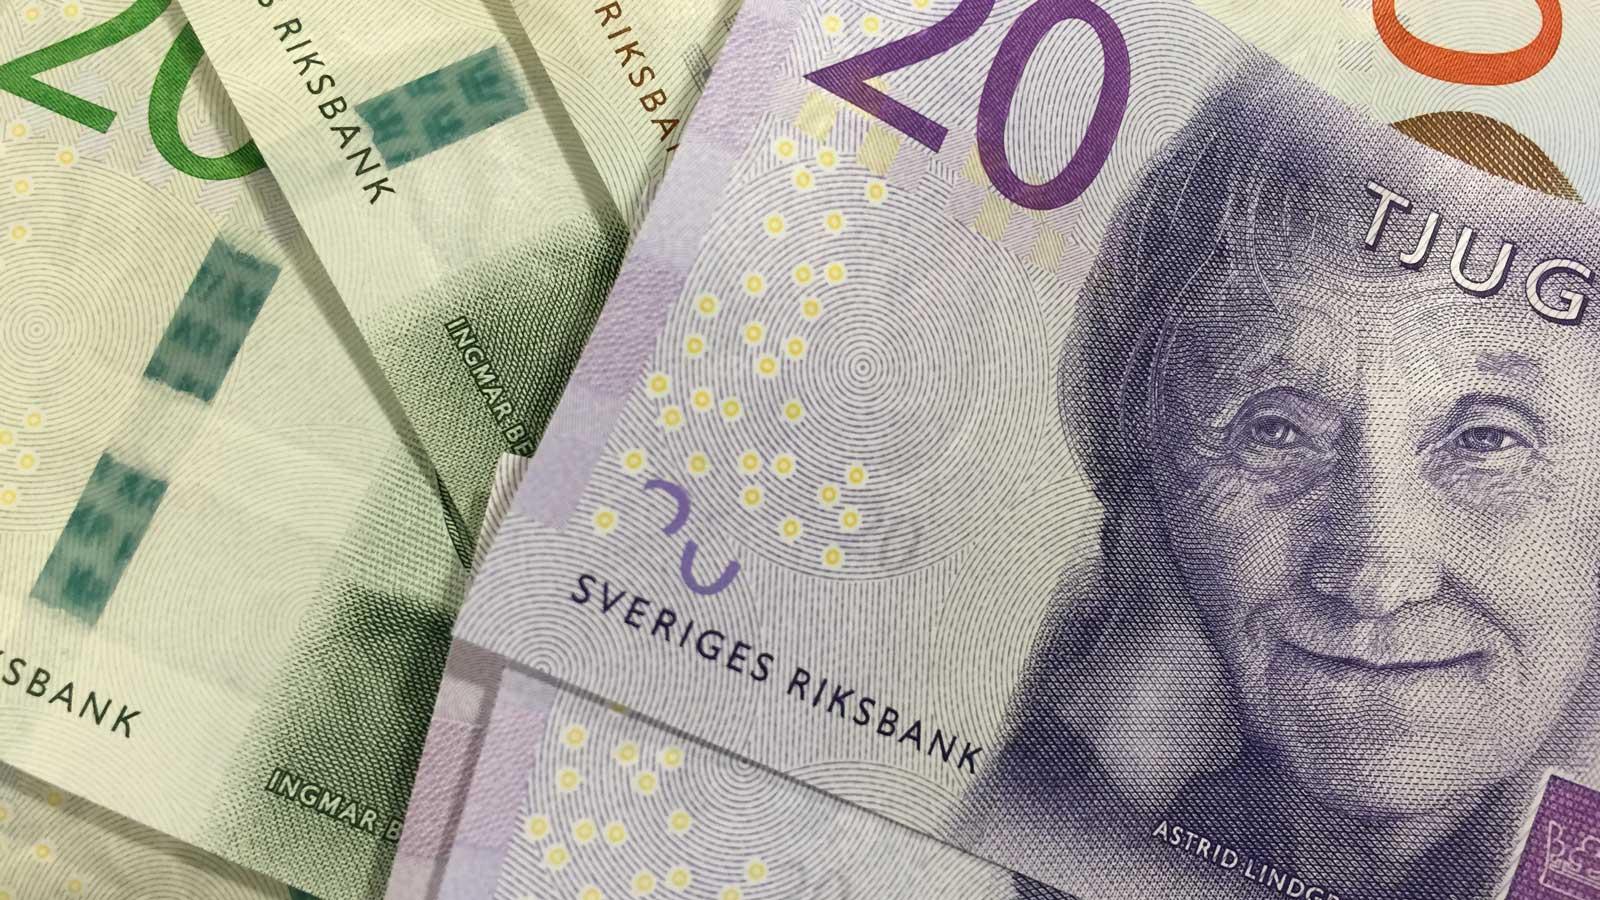 Pengar med Astrid Lindgren på. Foto: Lisbeth Svensson